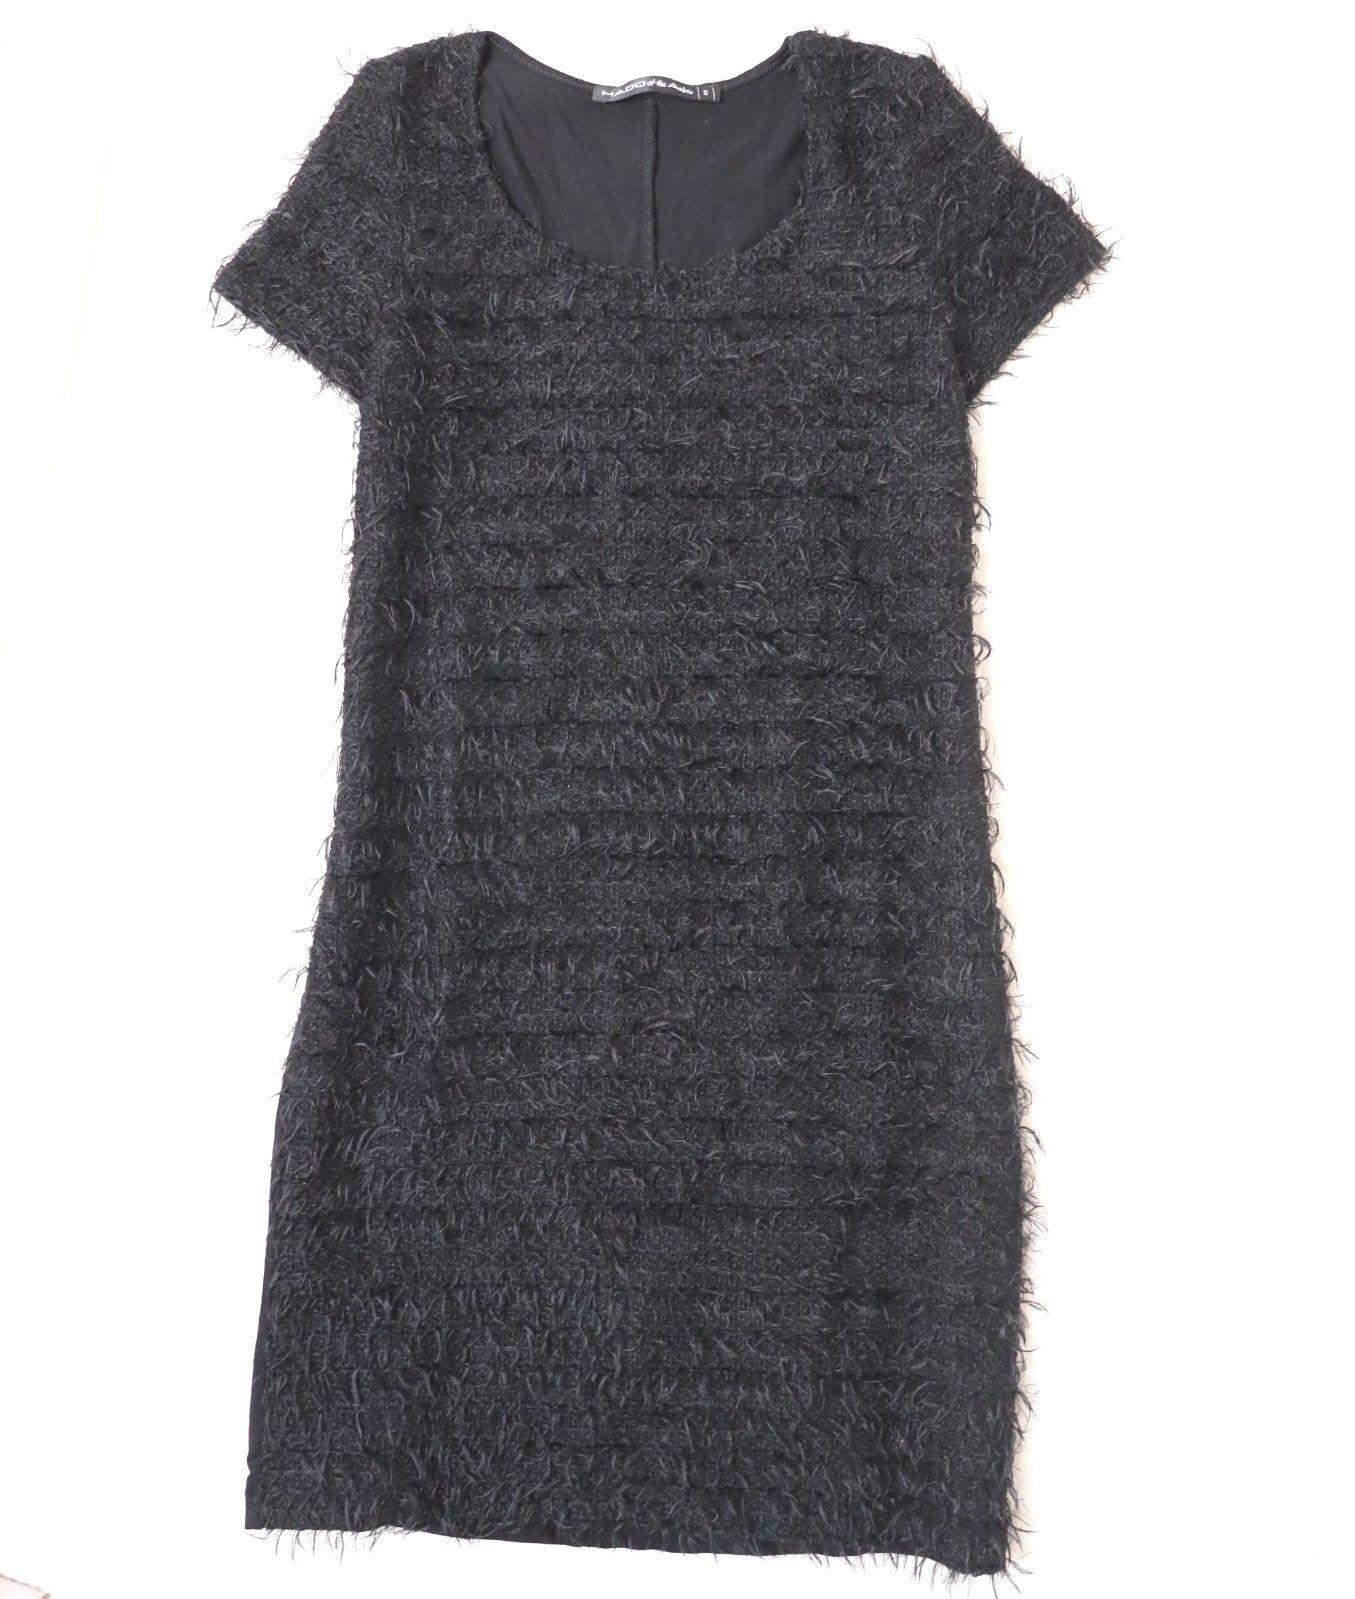 Mado et les Autres Plüsch Shaggy Teddy Mini Stretch Kleid black XS 32 34 36